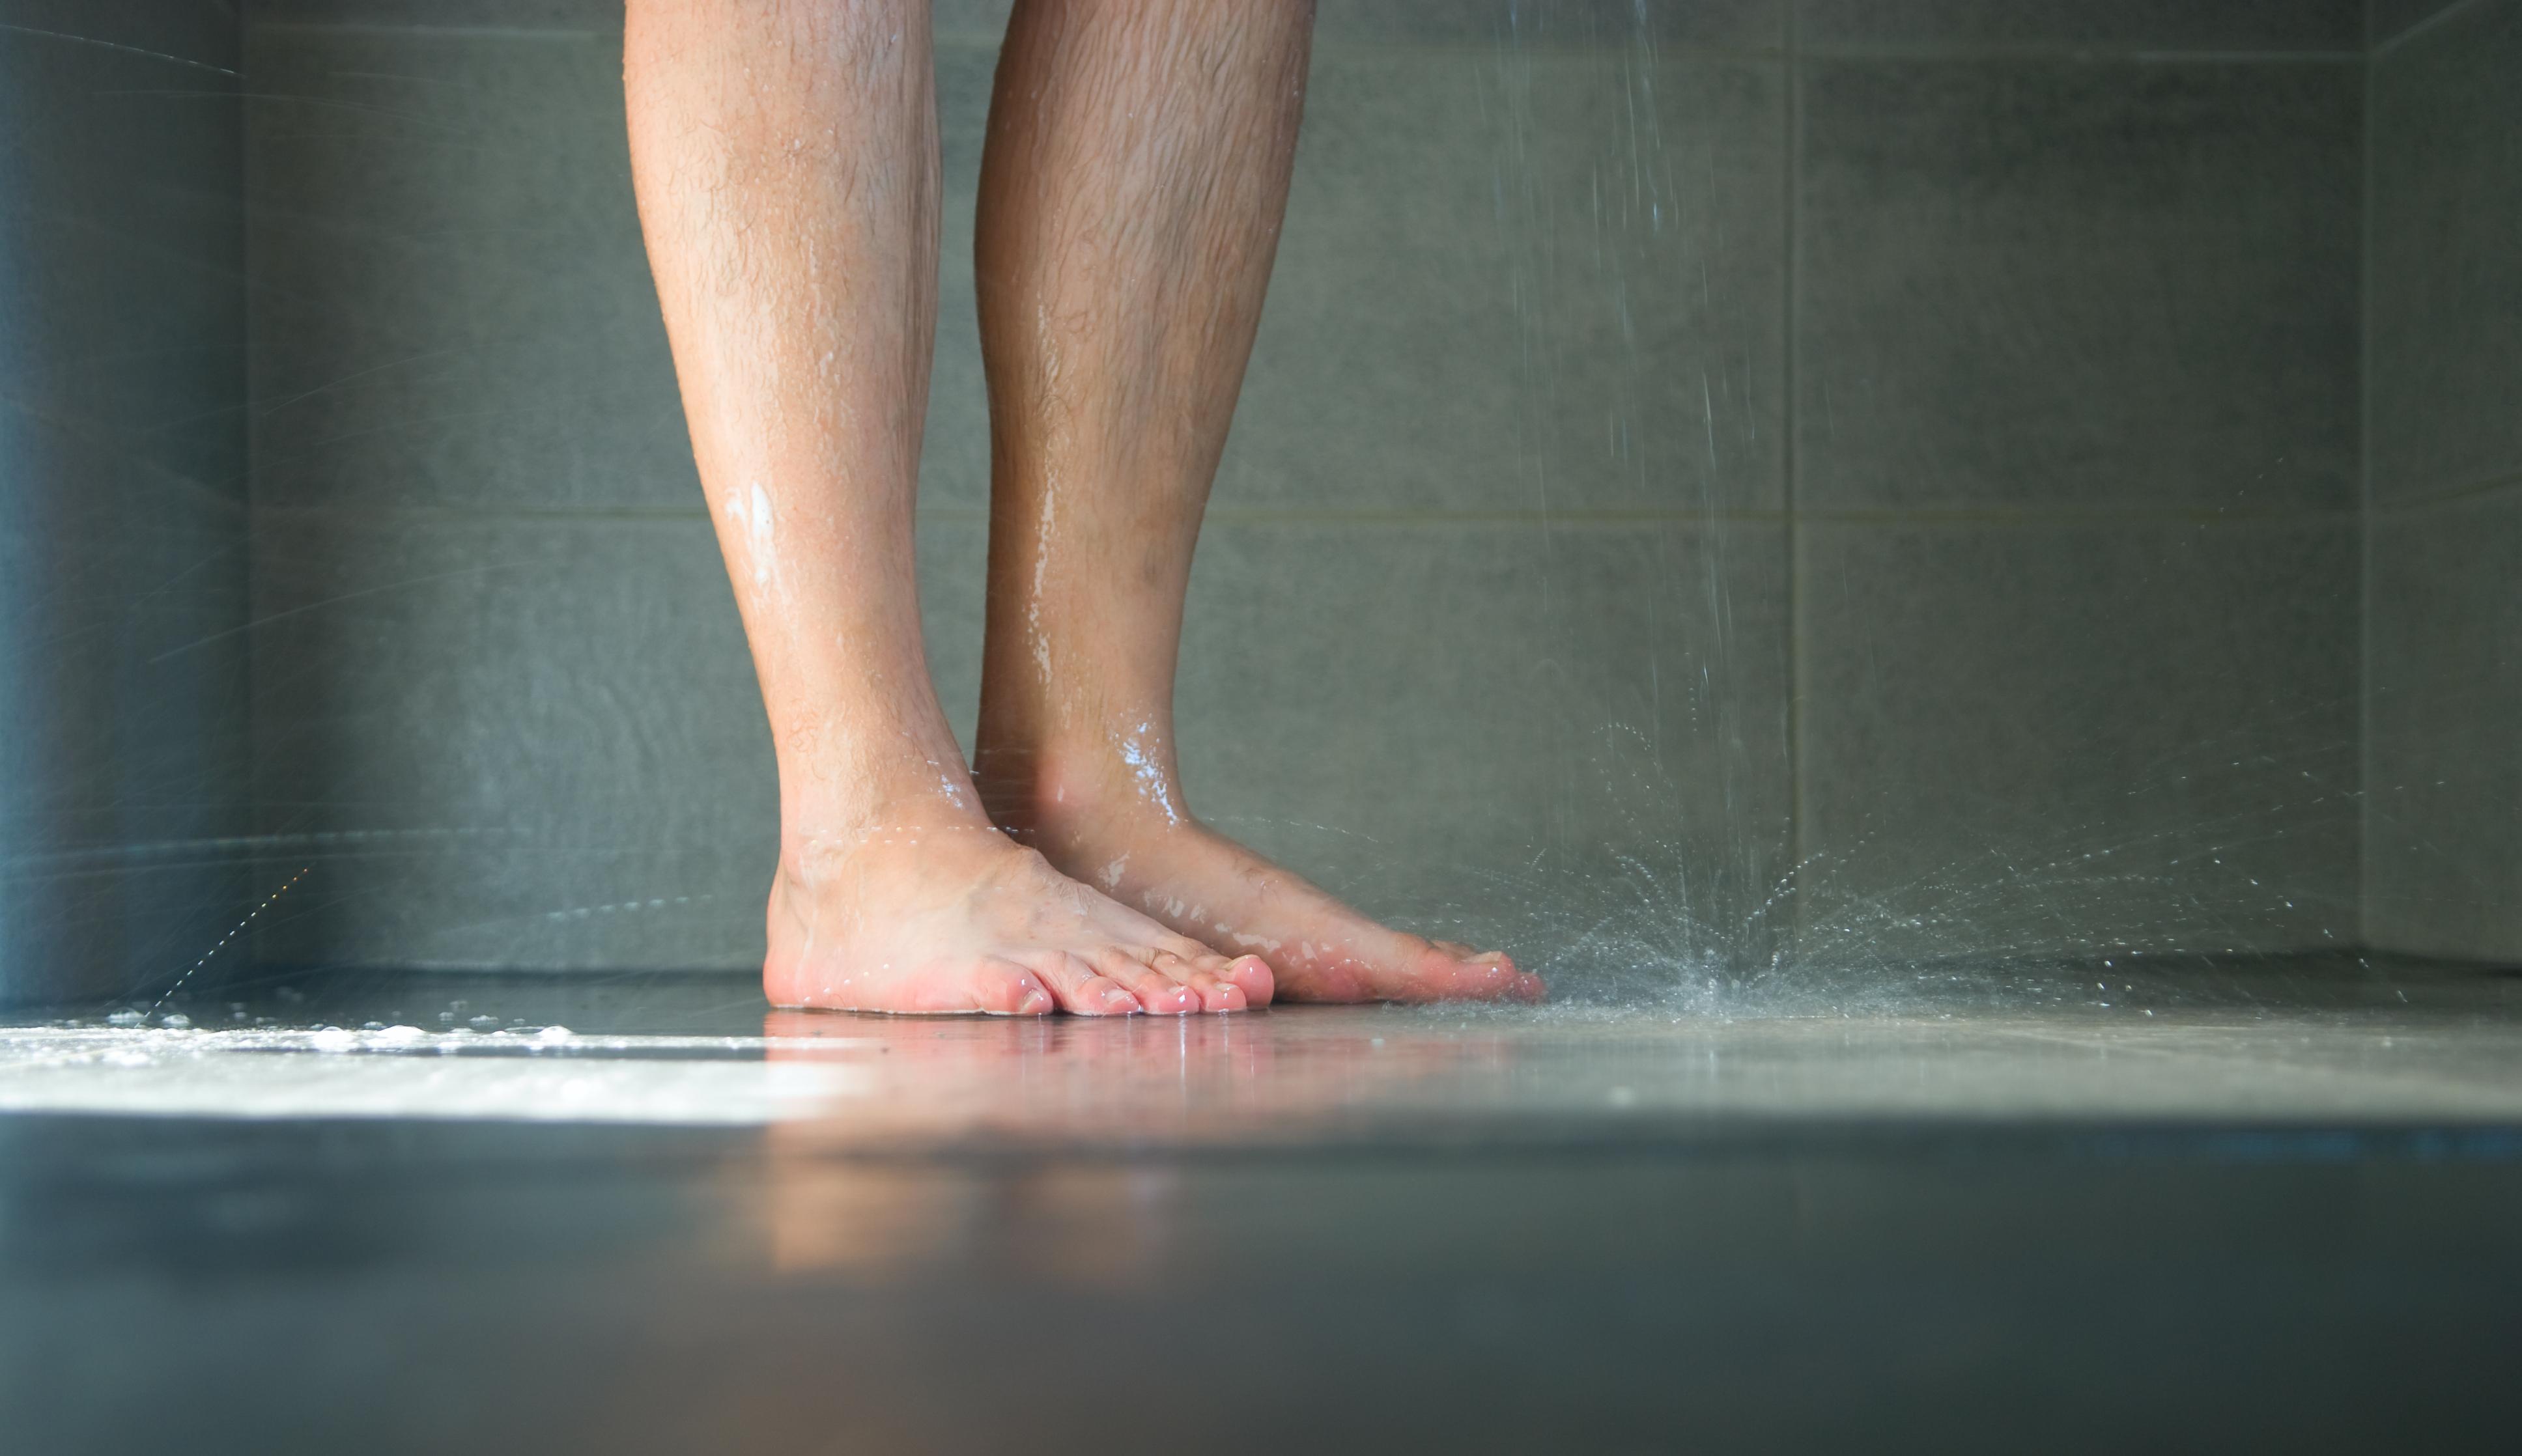 Inloopdouche Met Sanitairspecialist : Van bad naar inloopdouche